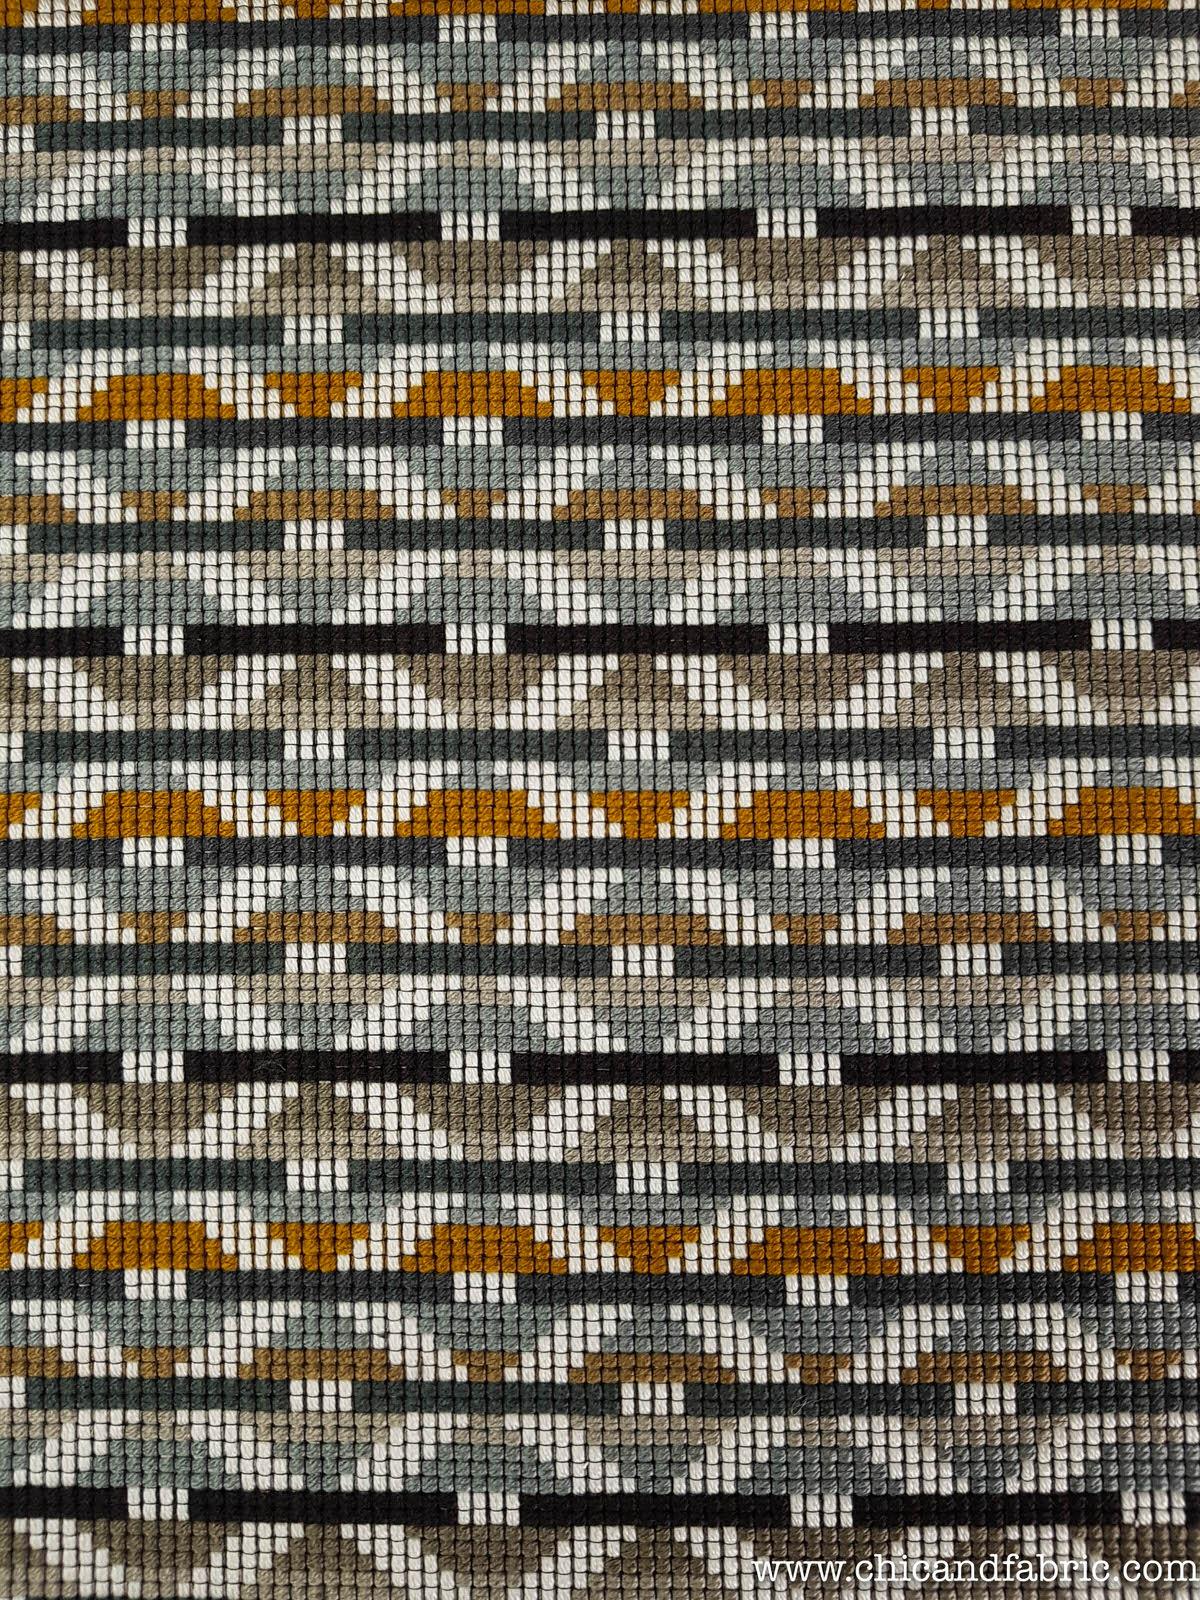 tissu d ameublement marron a imprime ethnique de style ethnique